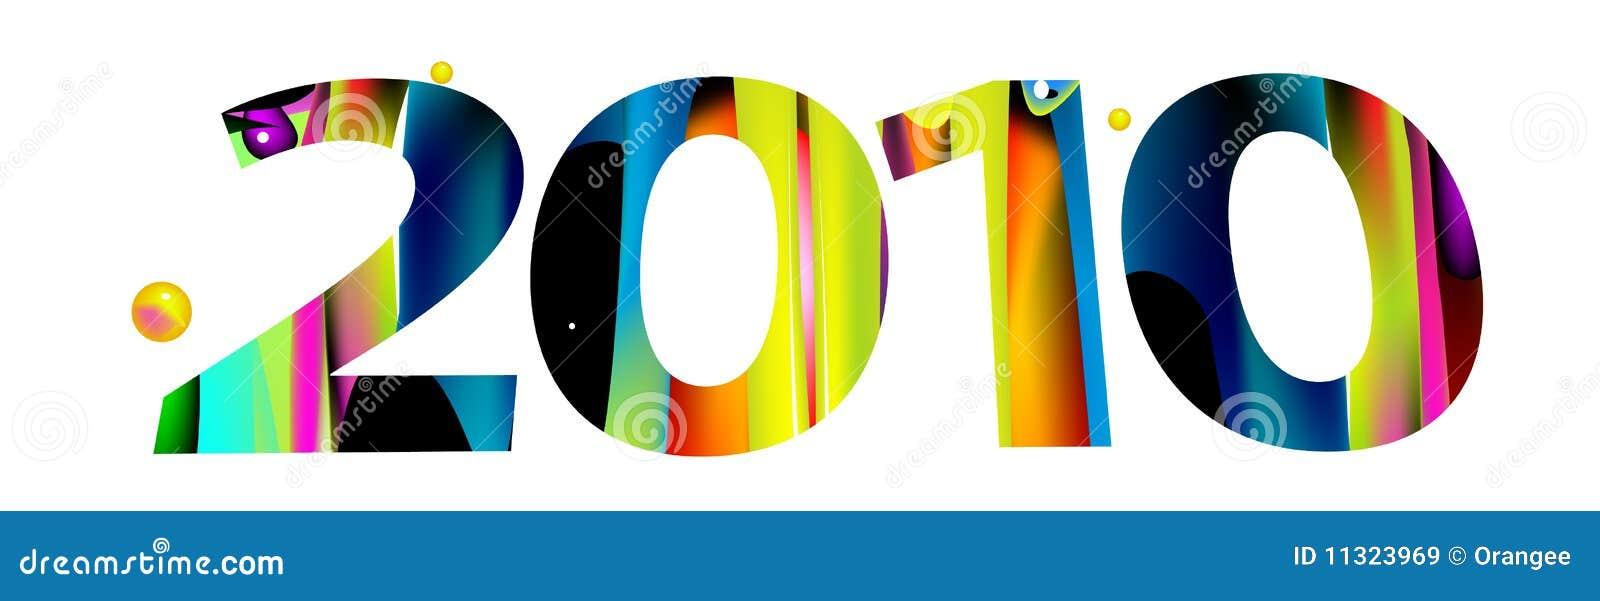 2010 neues Jahr